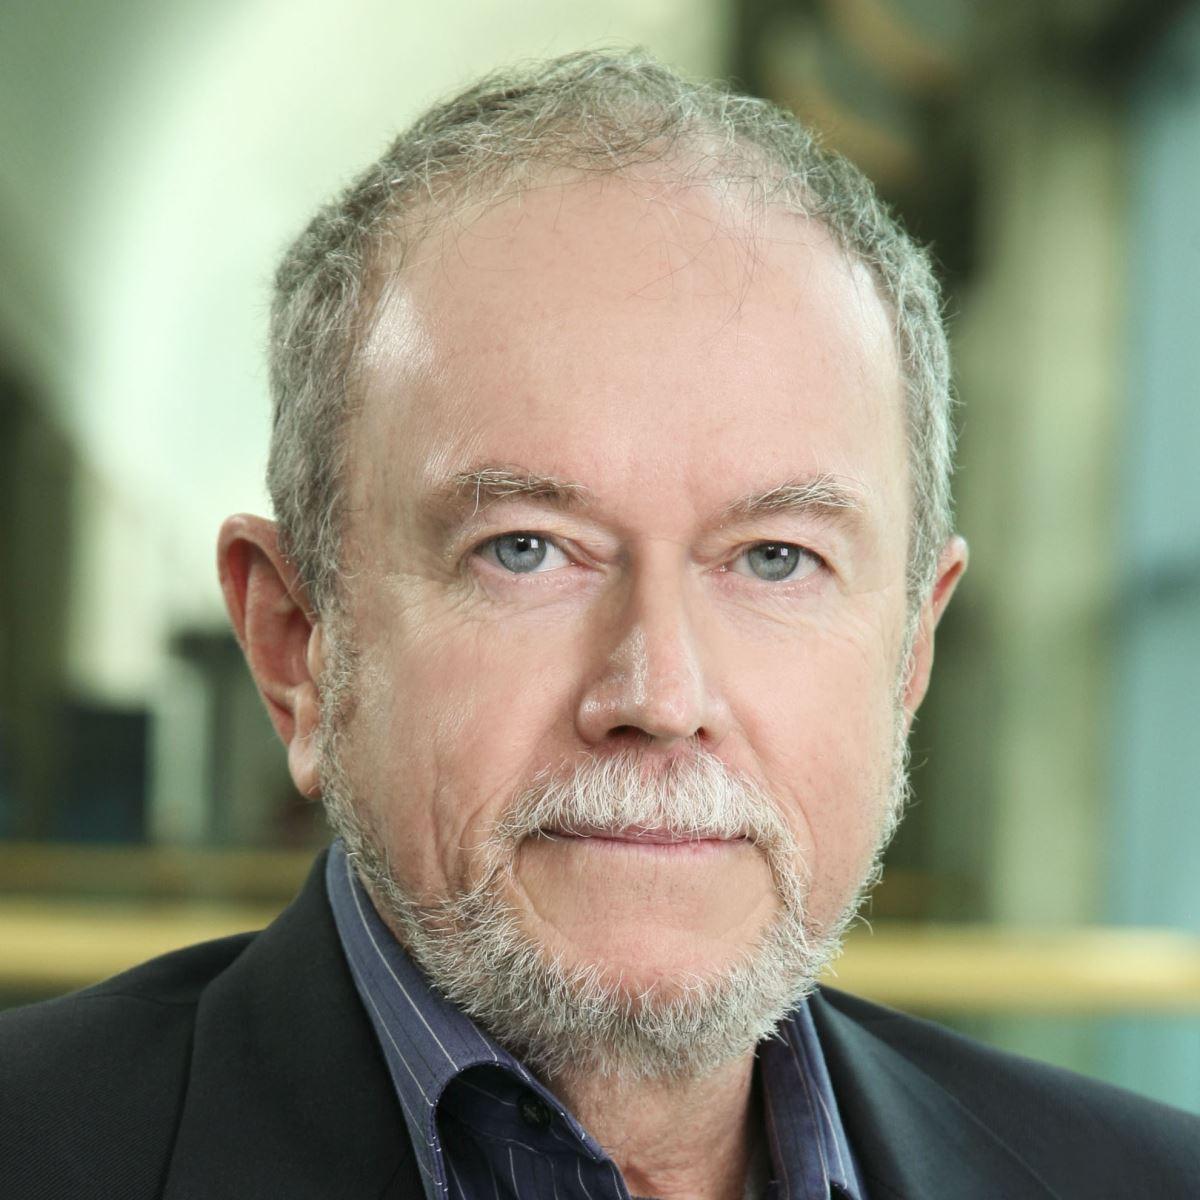 David Chiriboga, PhD